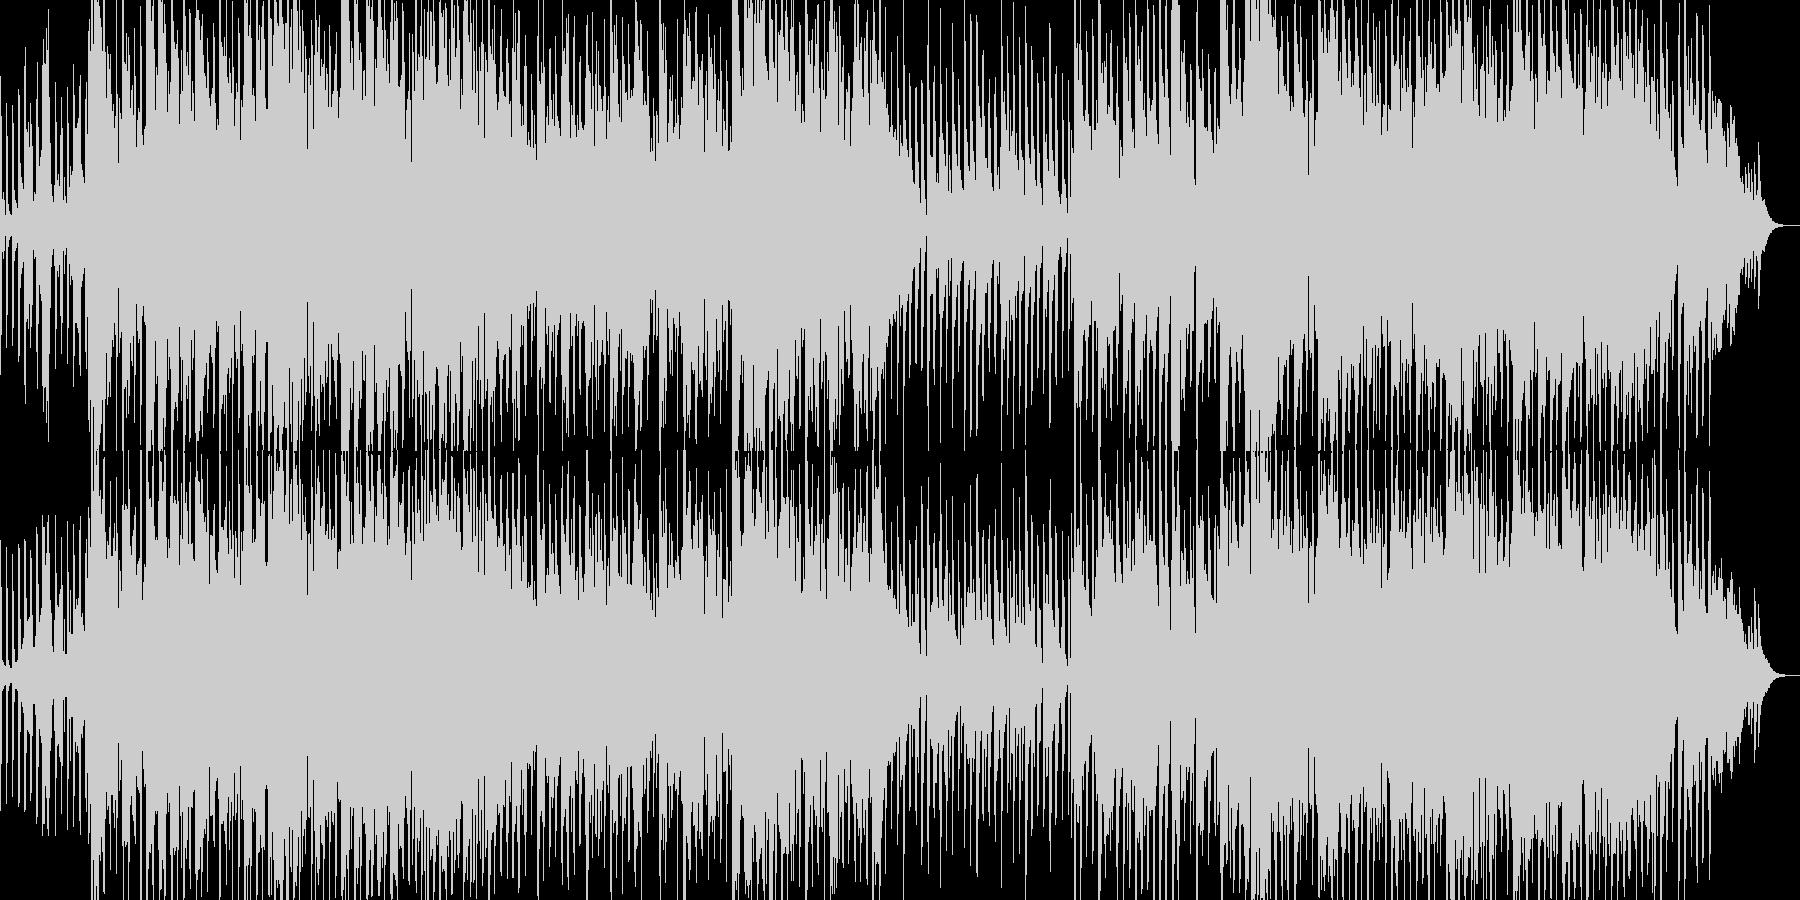 テンポの良い勇壮な曲の未再生の波形